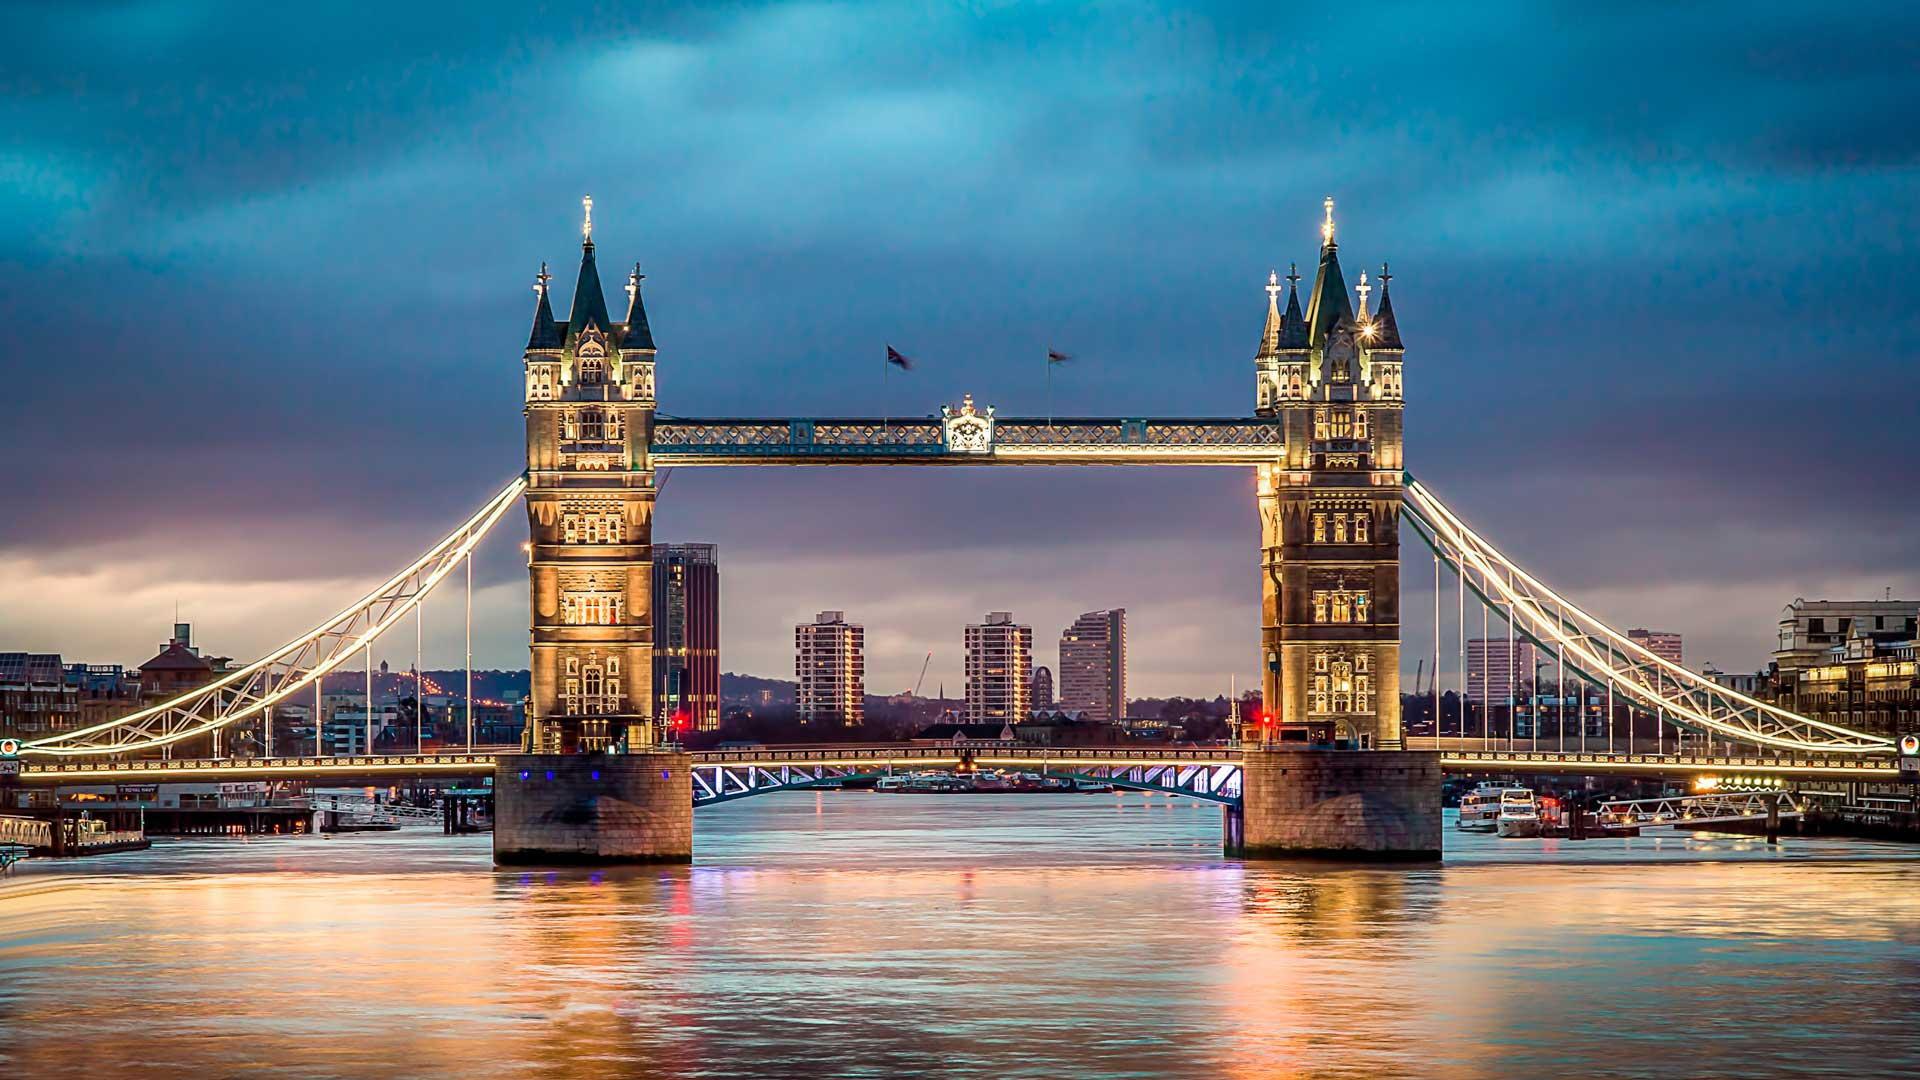 картинки лондона в хорошем качестве принадлежит той